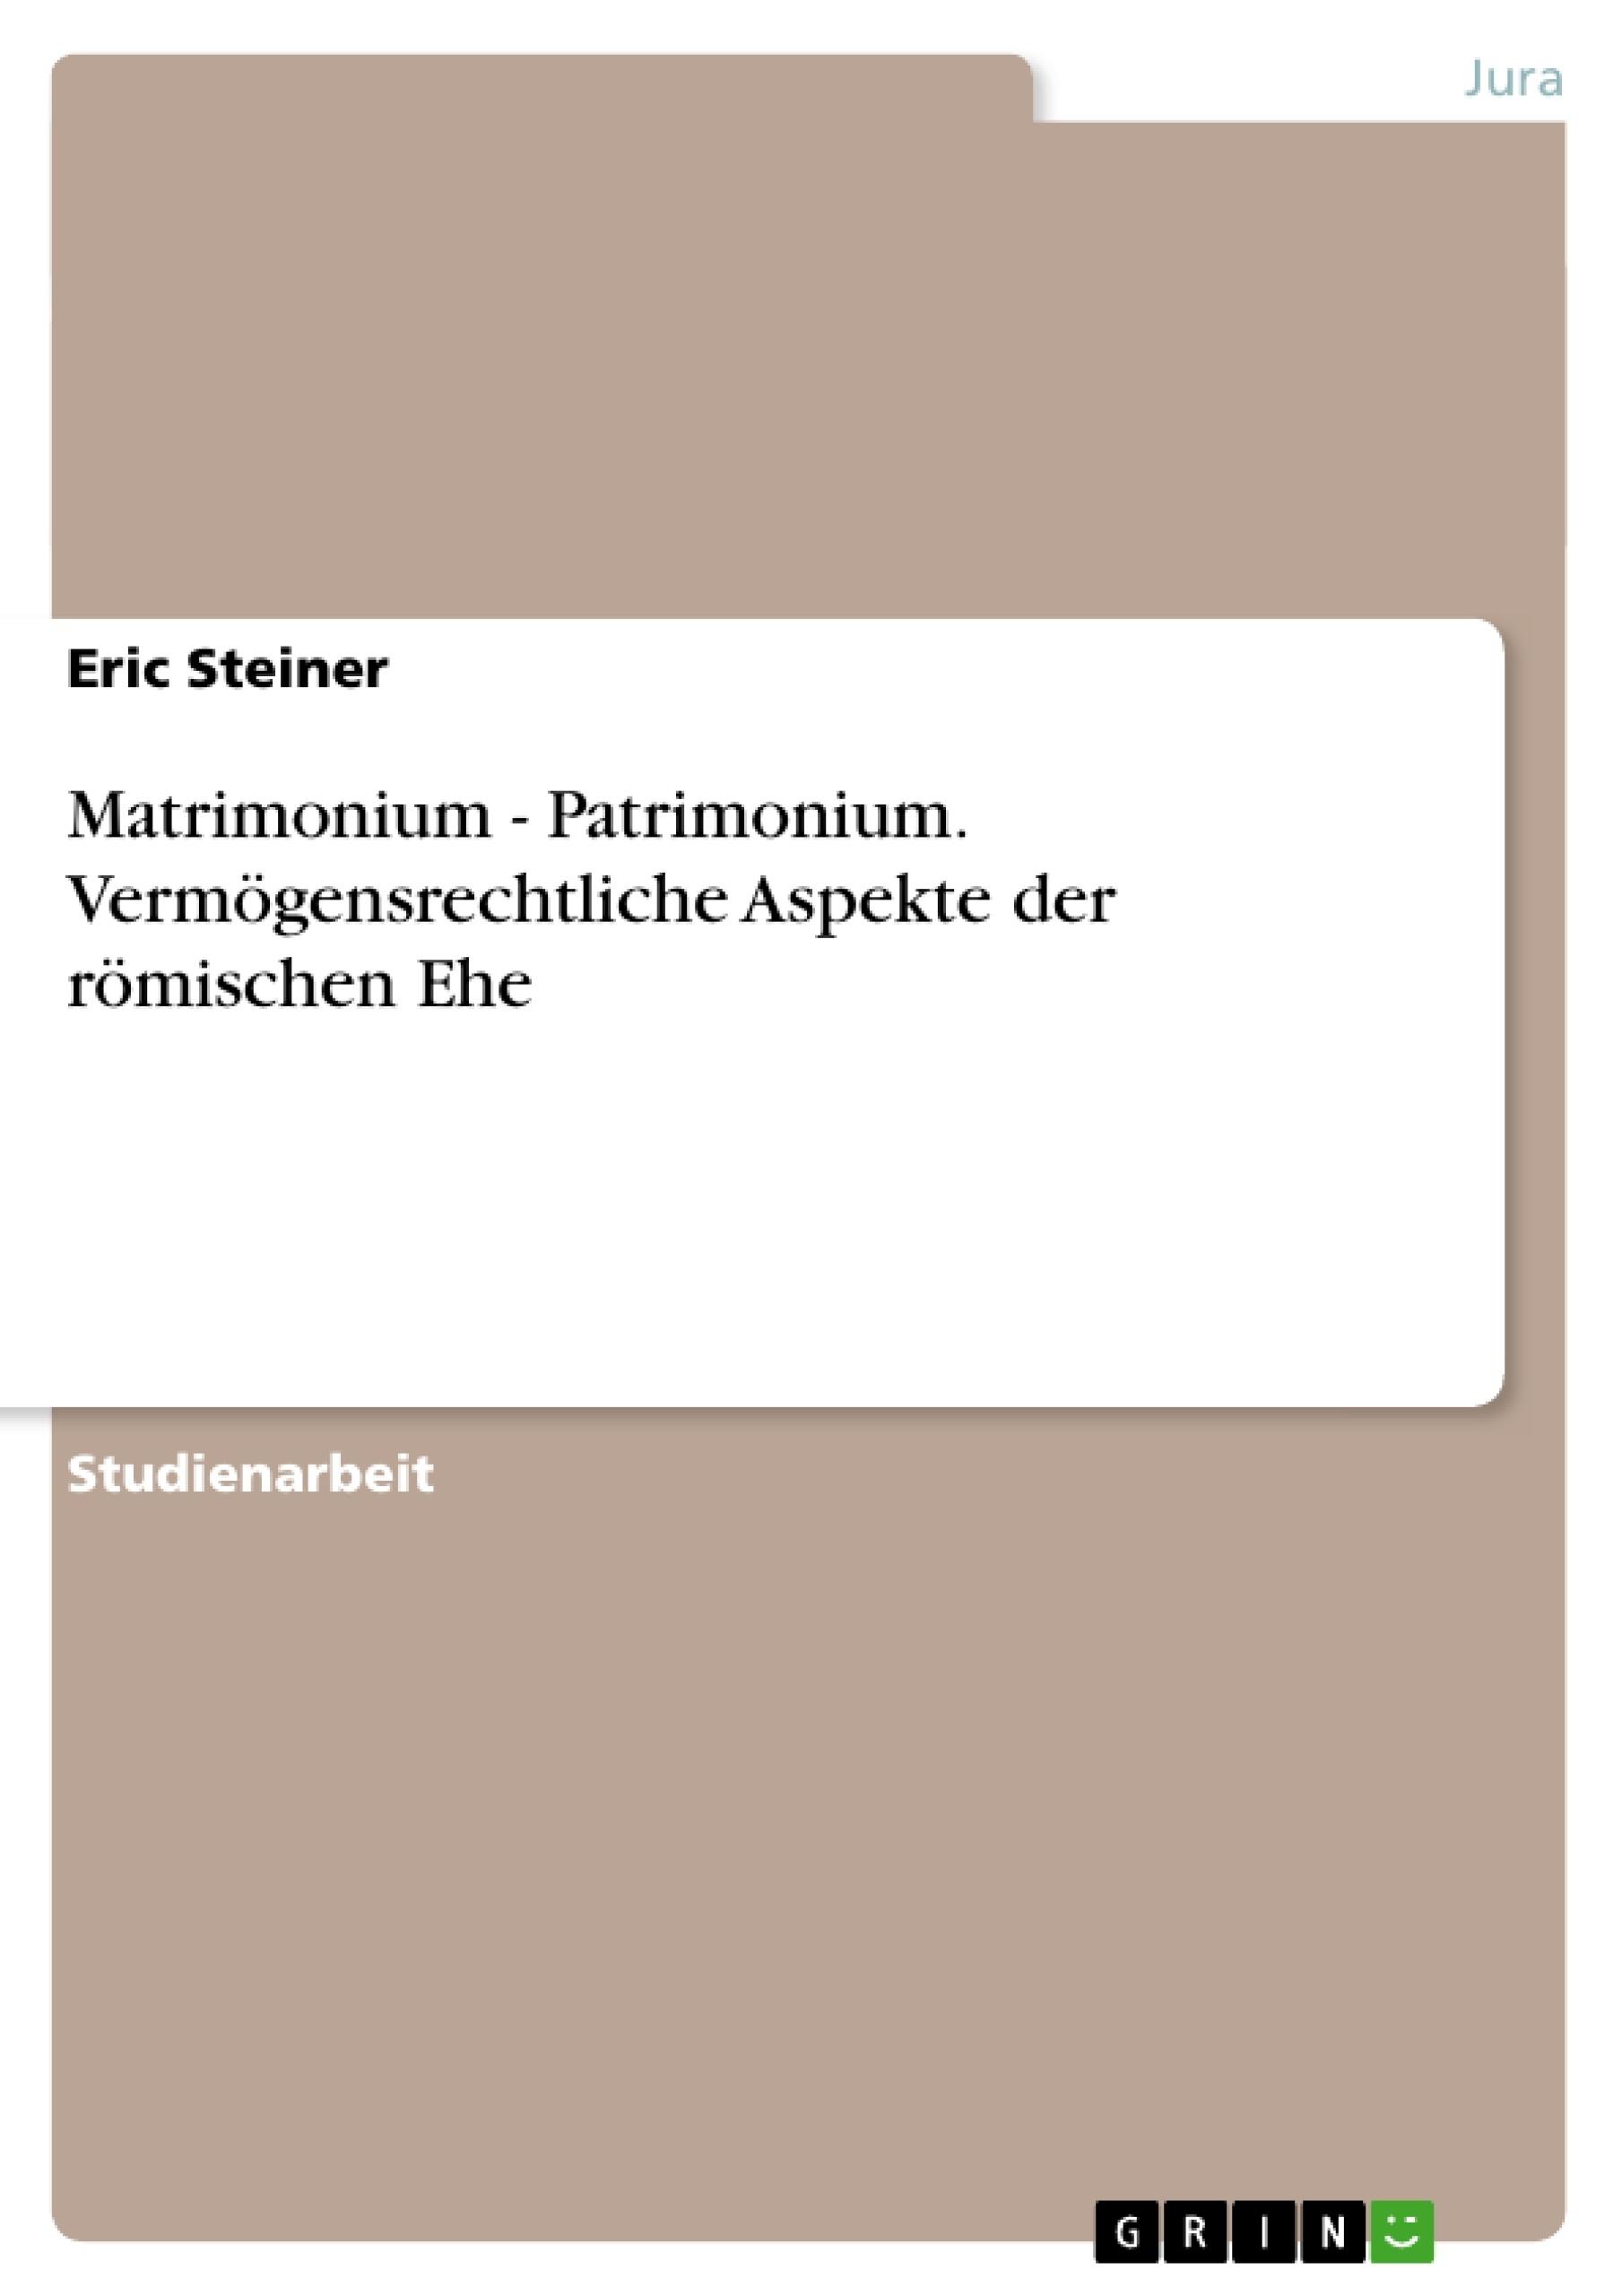 Titel: Matrimonium - Patrimonium. Vermögensrechtliche Aspekte der römischen Ehe